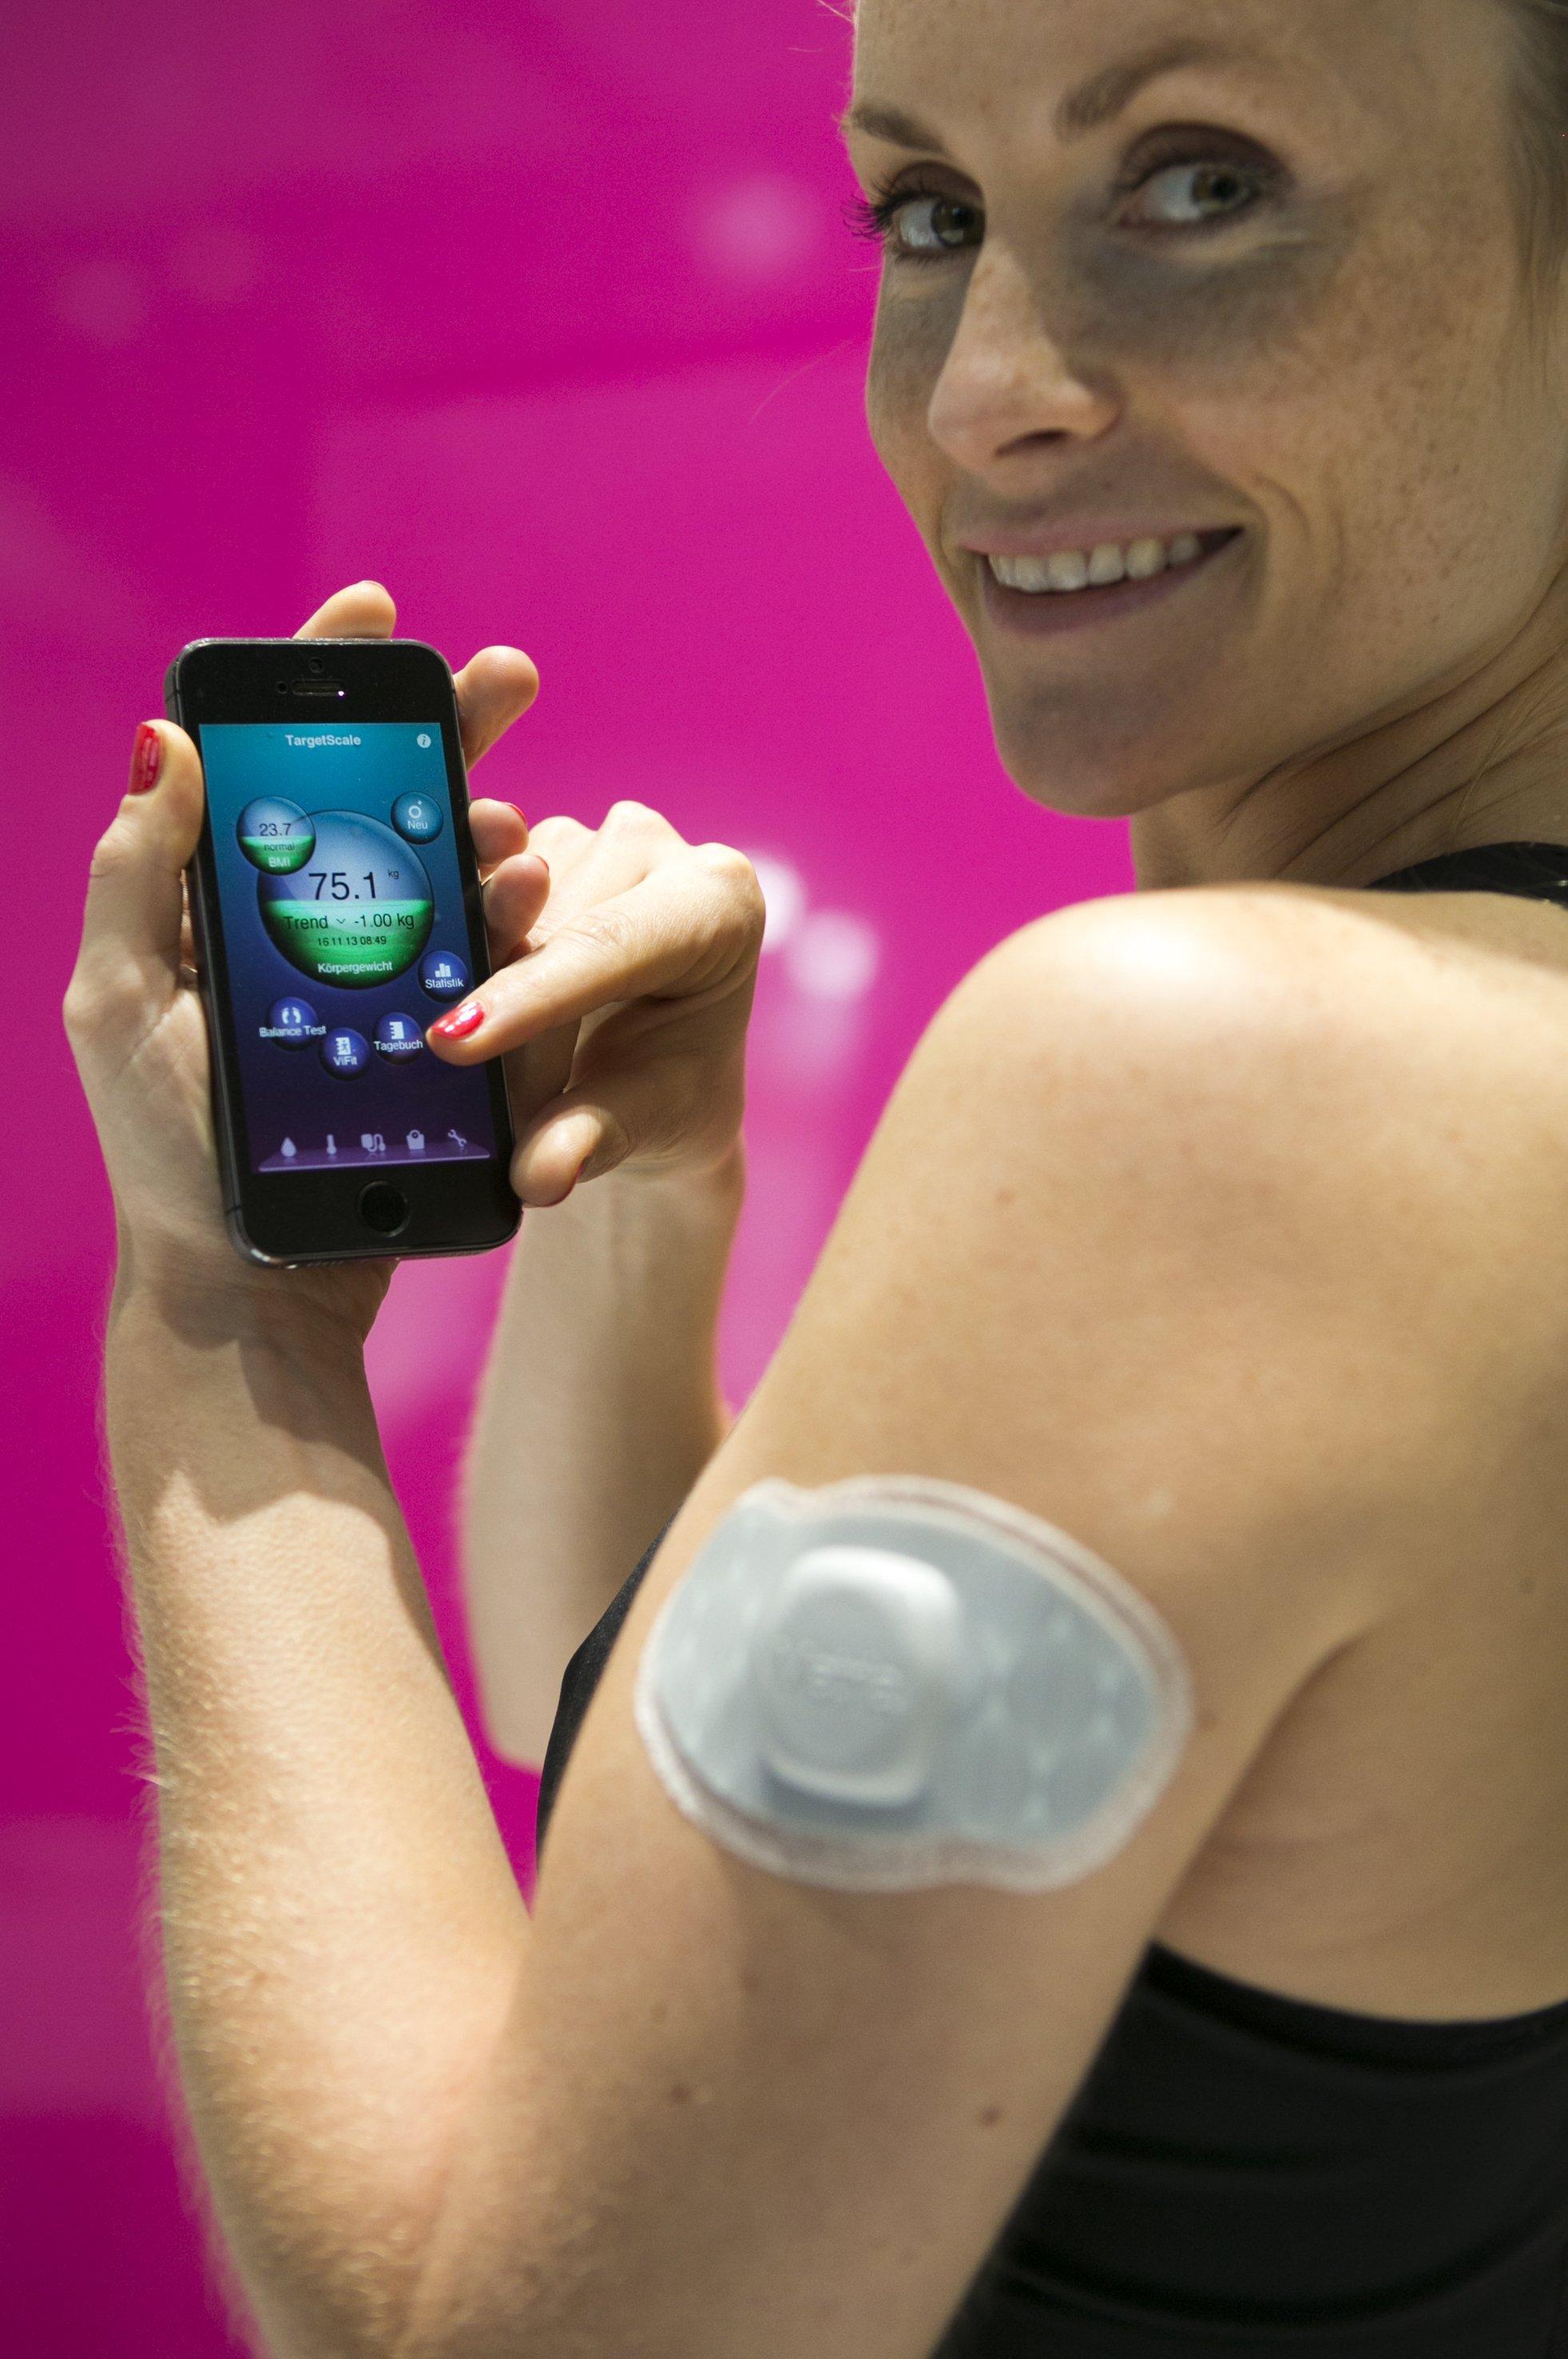 Die Deutsche Telekom und Medisana haben ein vernetztes Pflaster entwickelt, das über die Oberflächenspannung der Haut Puls, Temperatur, Schlafzeiten, körperliche Aktivitäten und Schrittzahlen erfasst und an ein persönliches Portal verschickt.